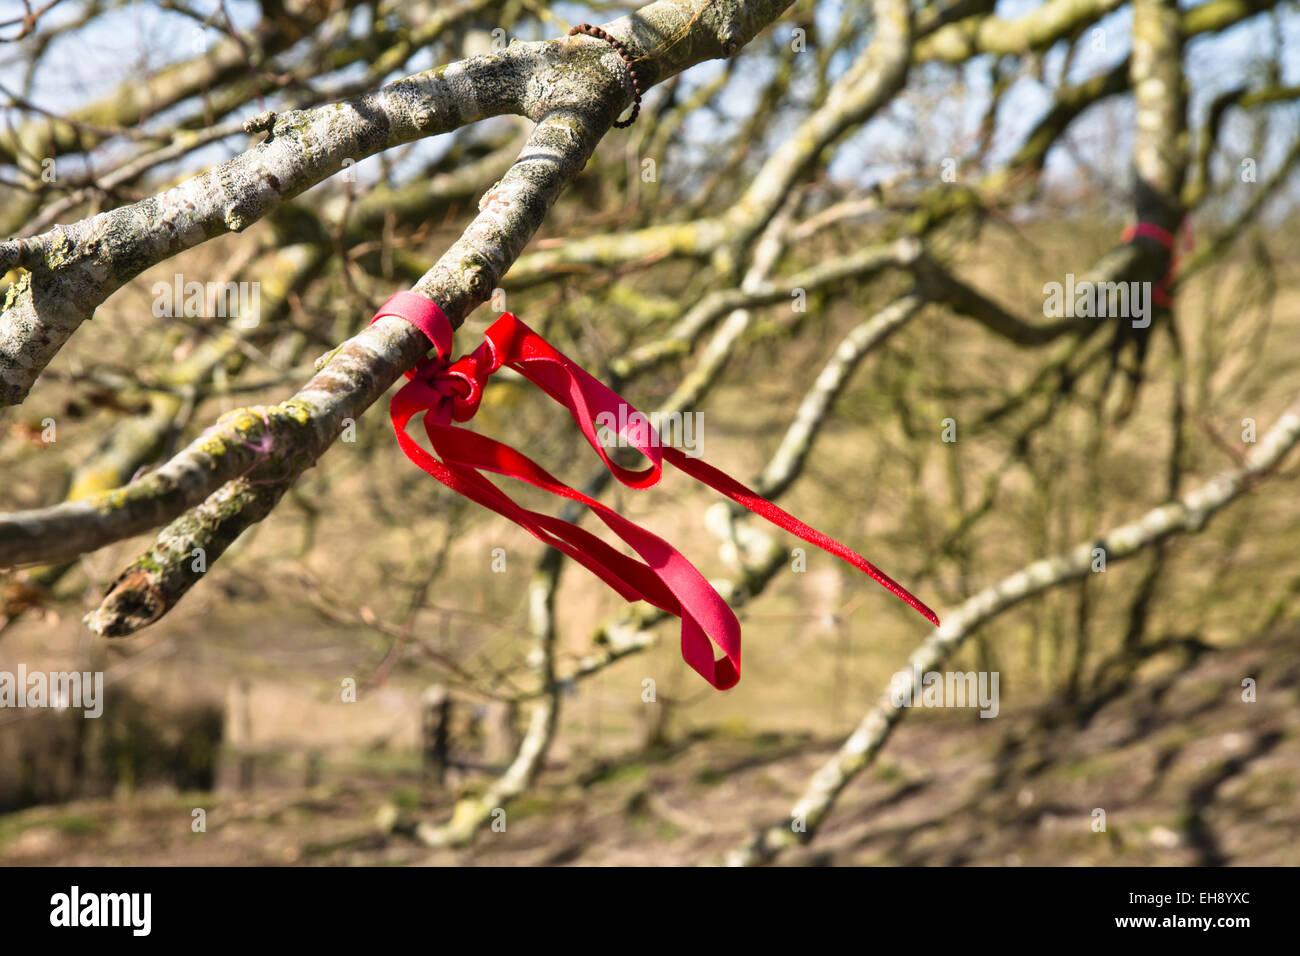 Avebury Wiltshire Angleterre un cercle en pierre comprend ce petit village du Wiltshire un chiffon attaché à un arbre, pour faire un voeu, Banque D'Images